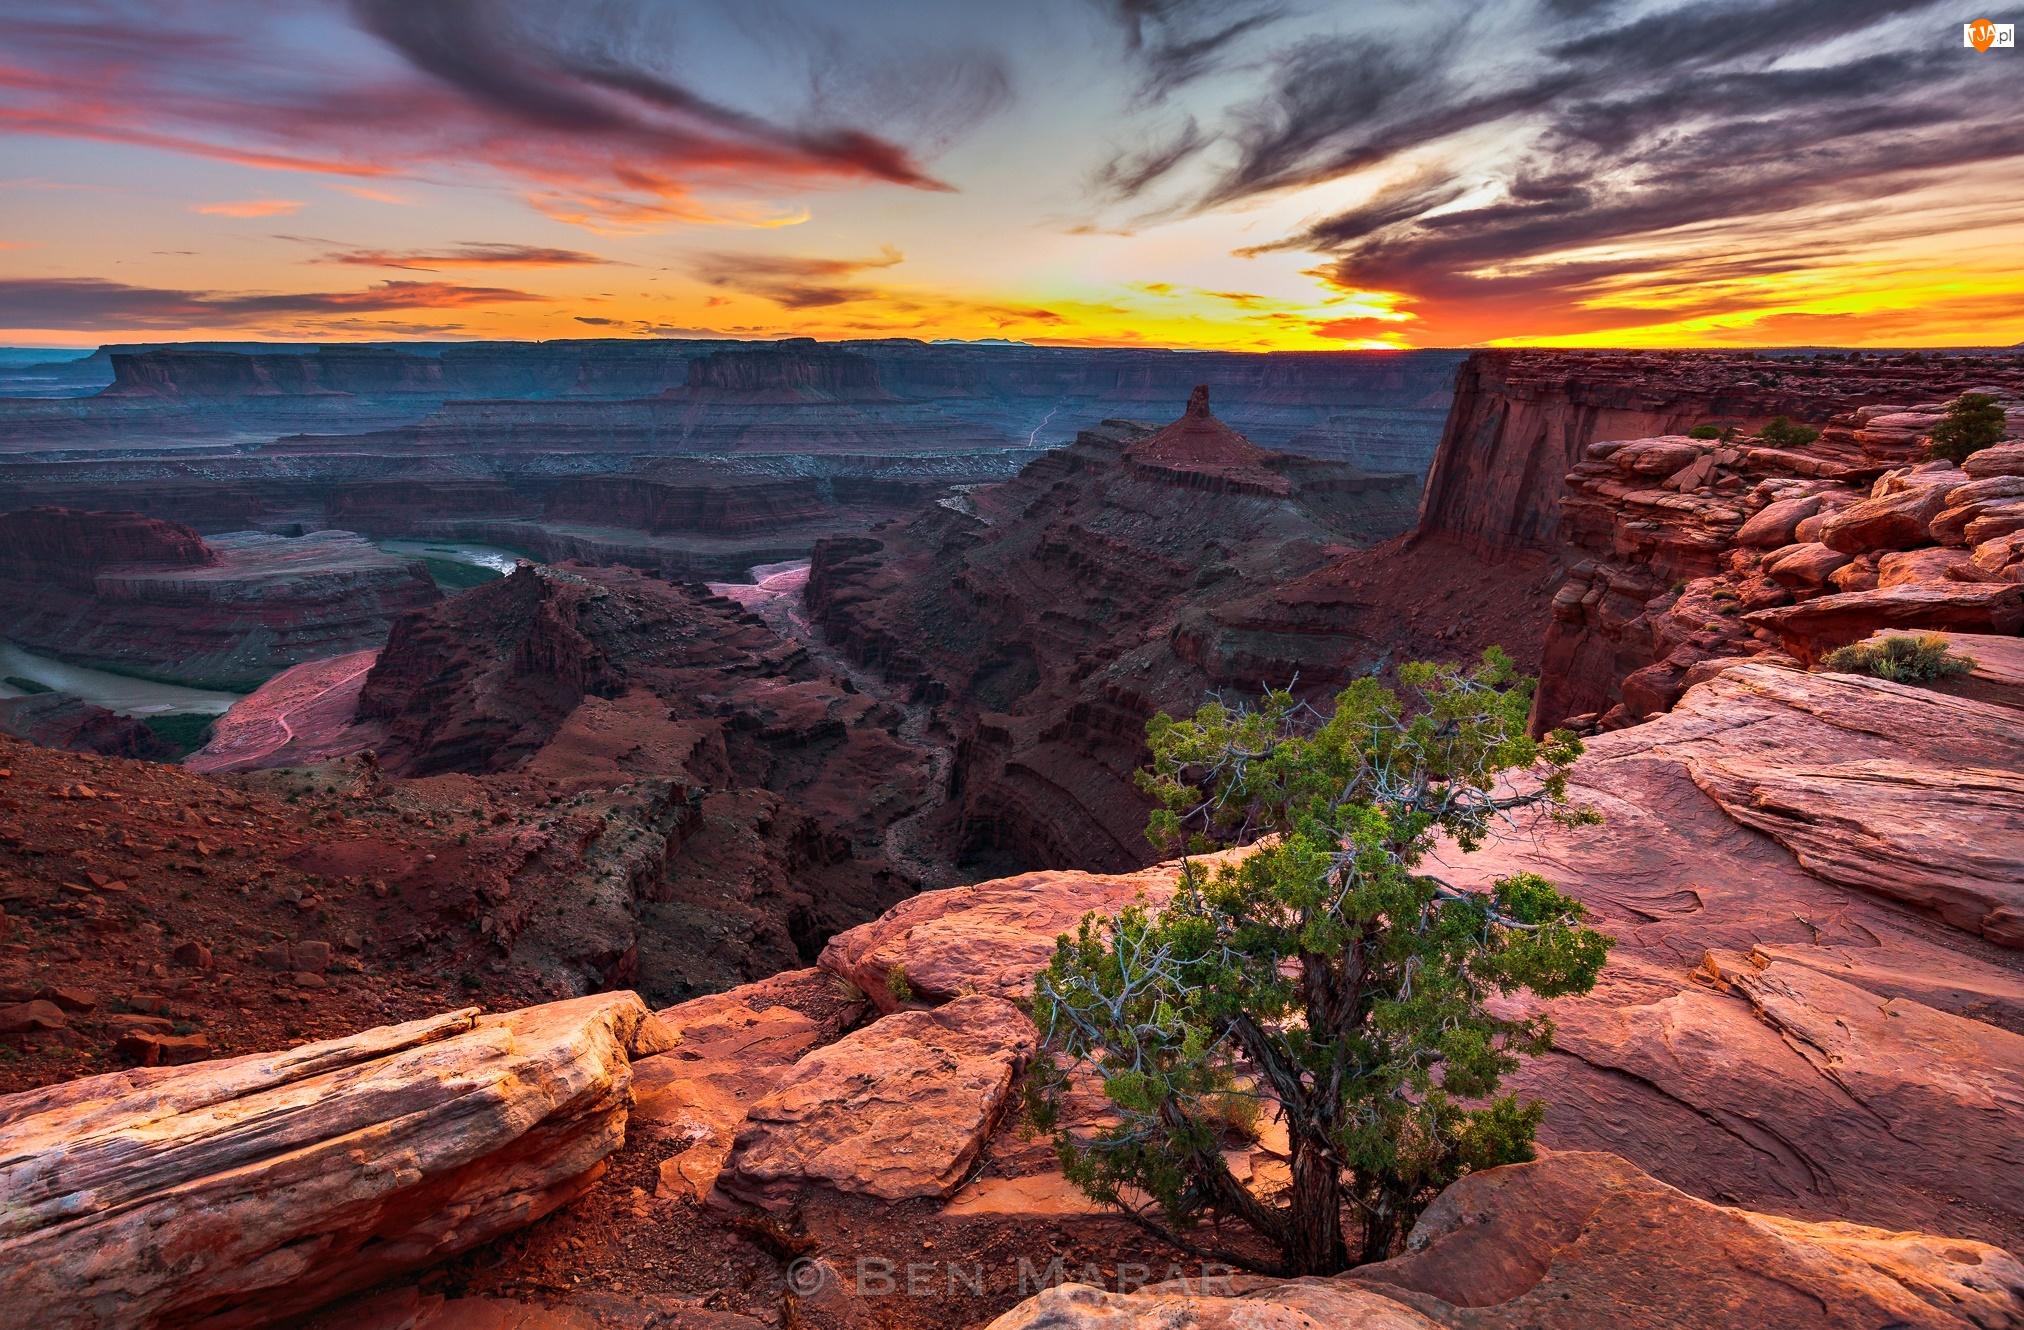 Park stanowy Dead Horse Point, Kanion, Drzewo, Stan Utah, Rzeka Kolorado, Zachód słońca, Stany Zjednoczone, Skały